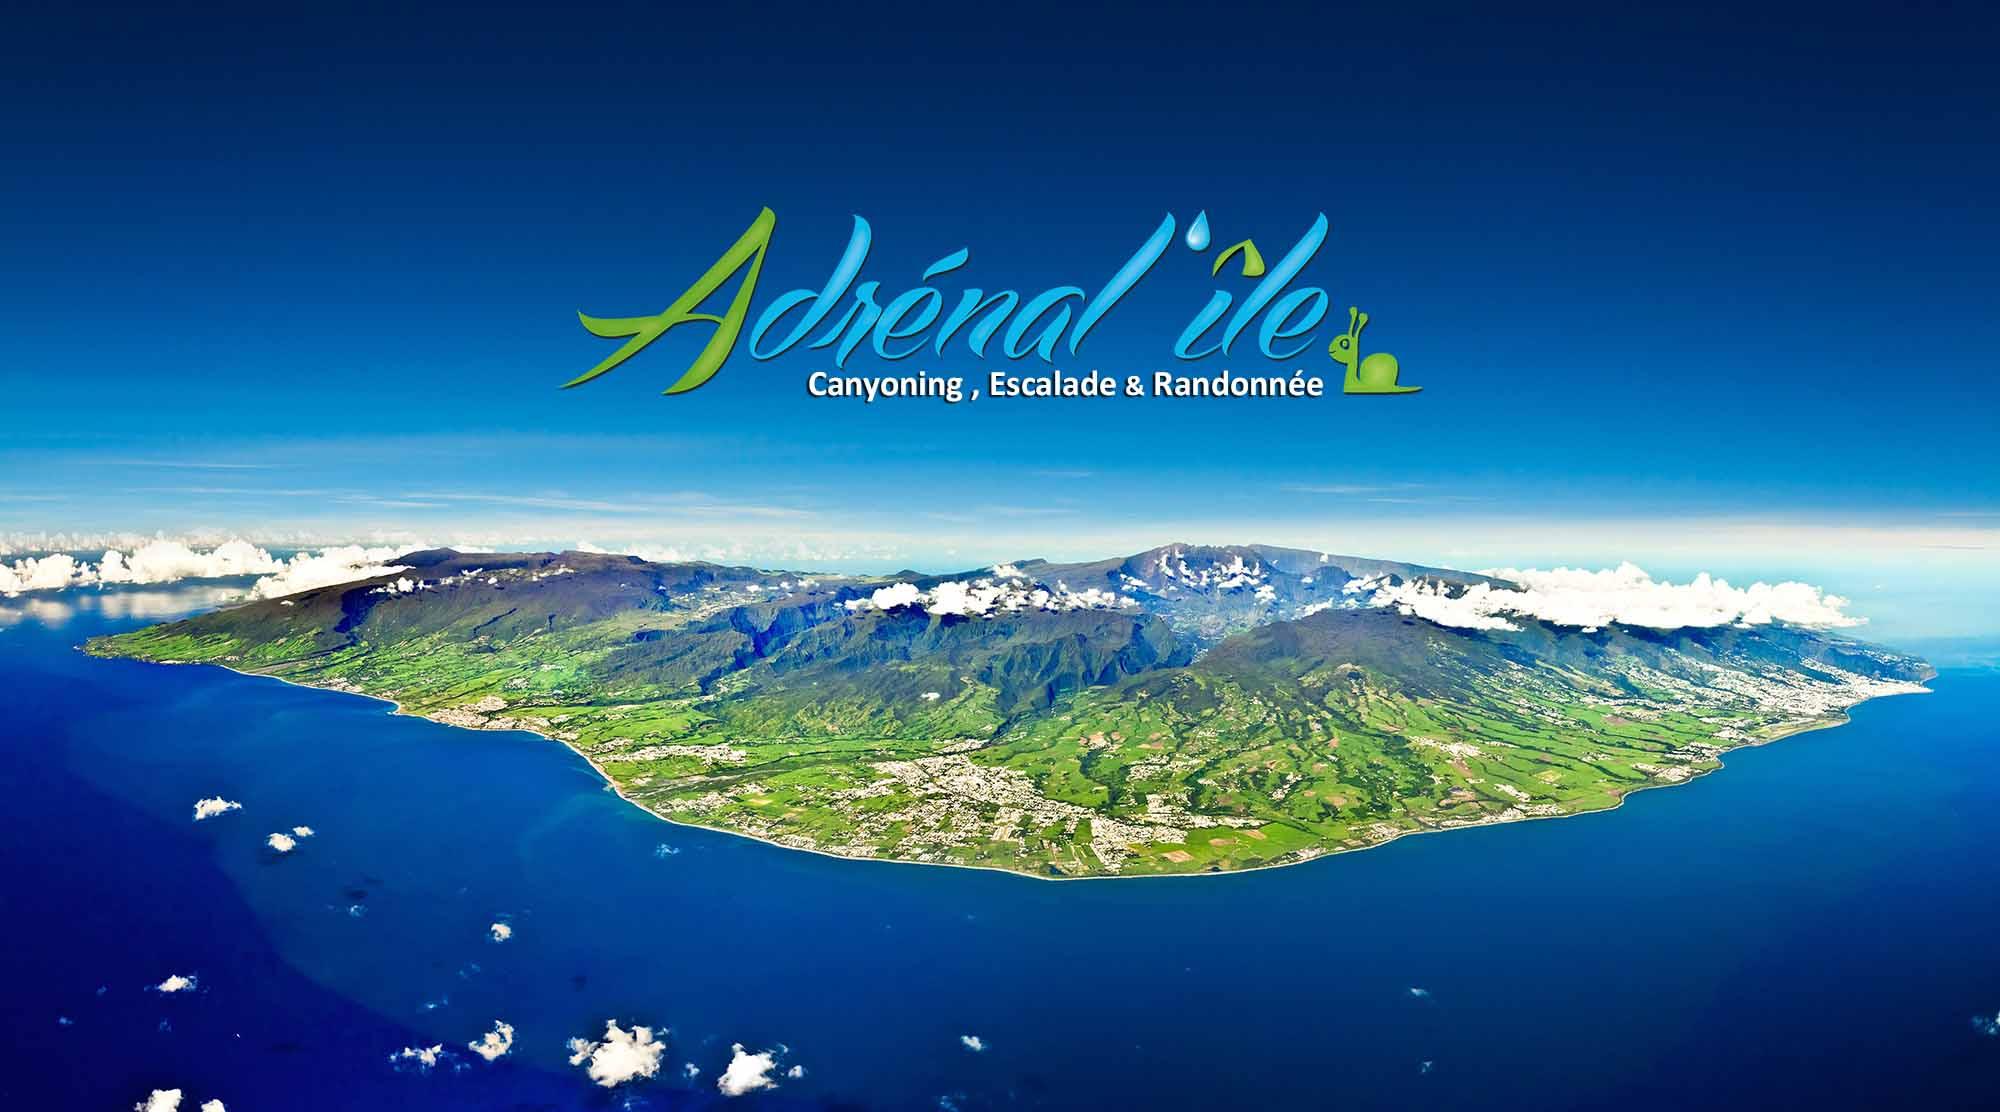 Adrénal'île